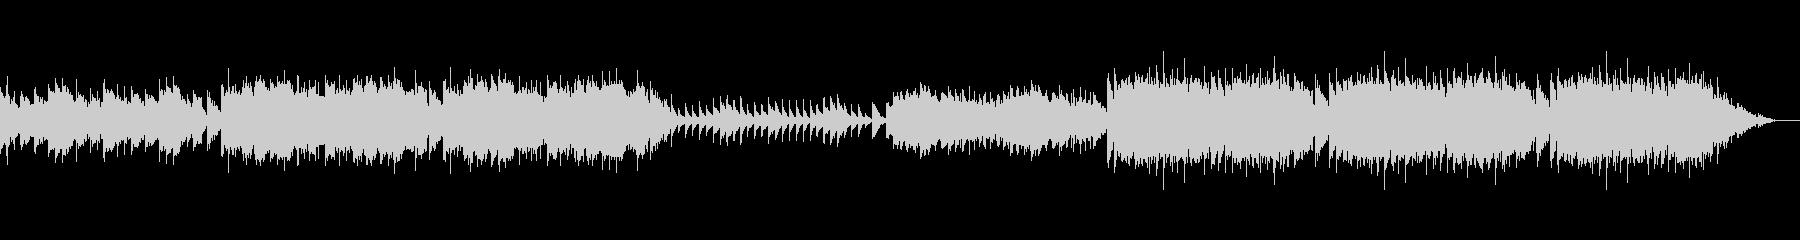 赤ちゃんの昼寝にぴったりな可愛らしい音楽の未再生の波形